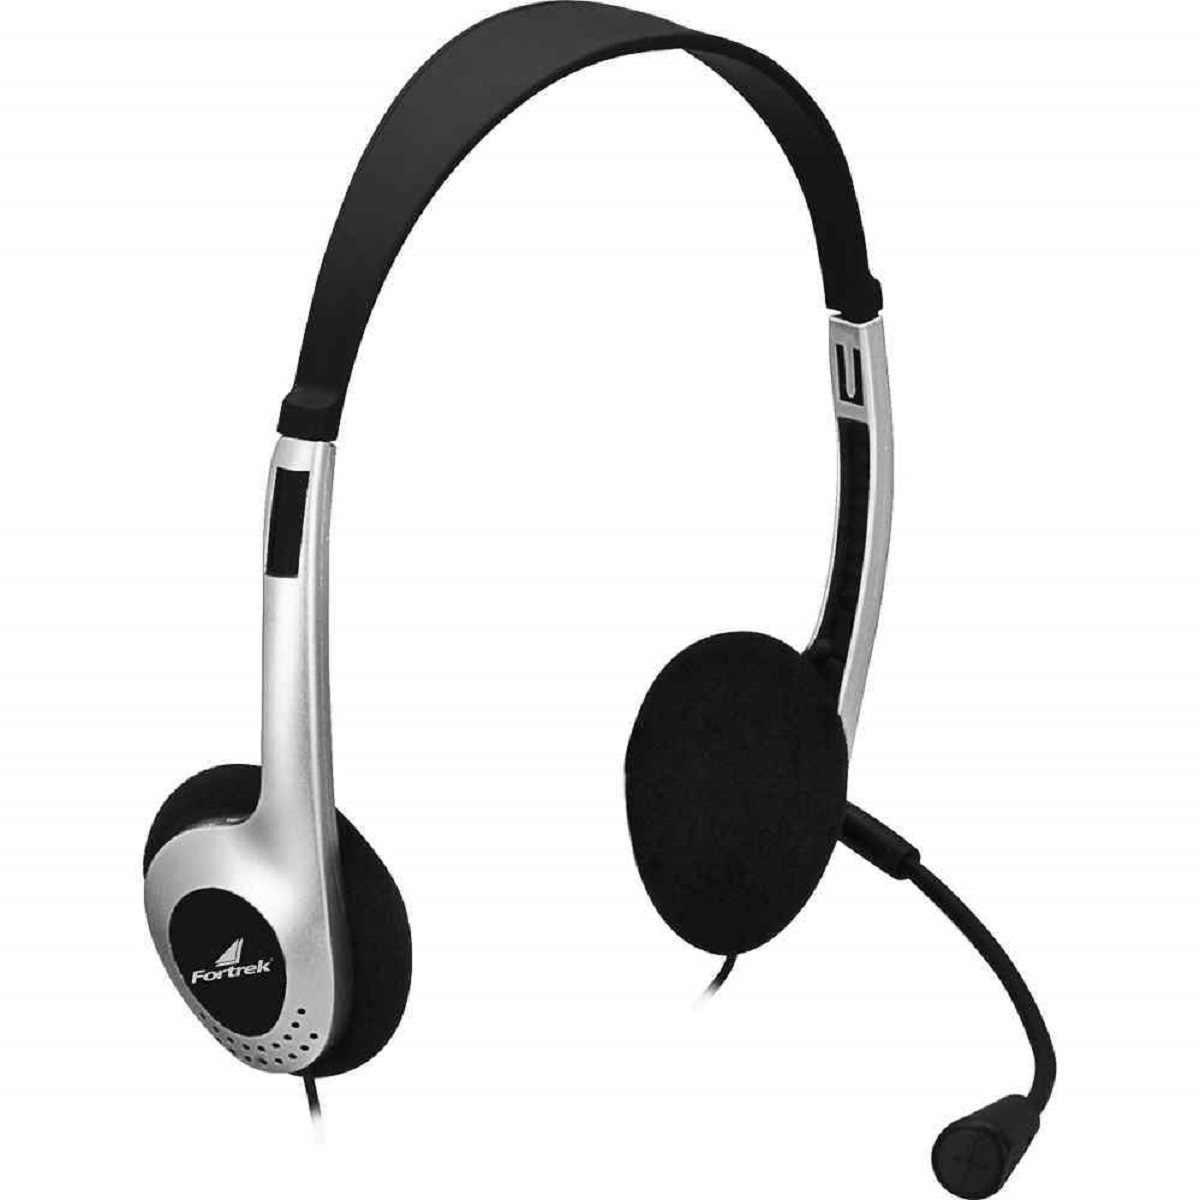 Fone Multimidia C/ Microfone HBL-101 Fortrek Ideal p/ Pc - Notebook